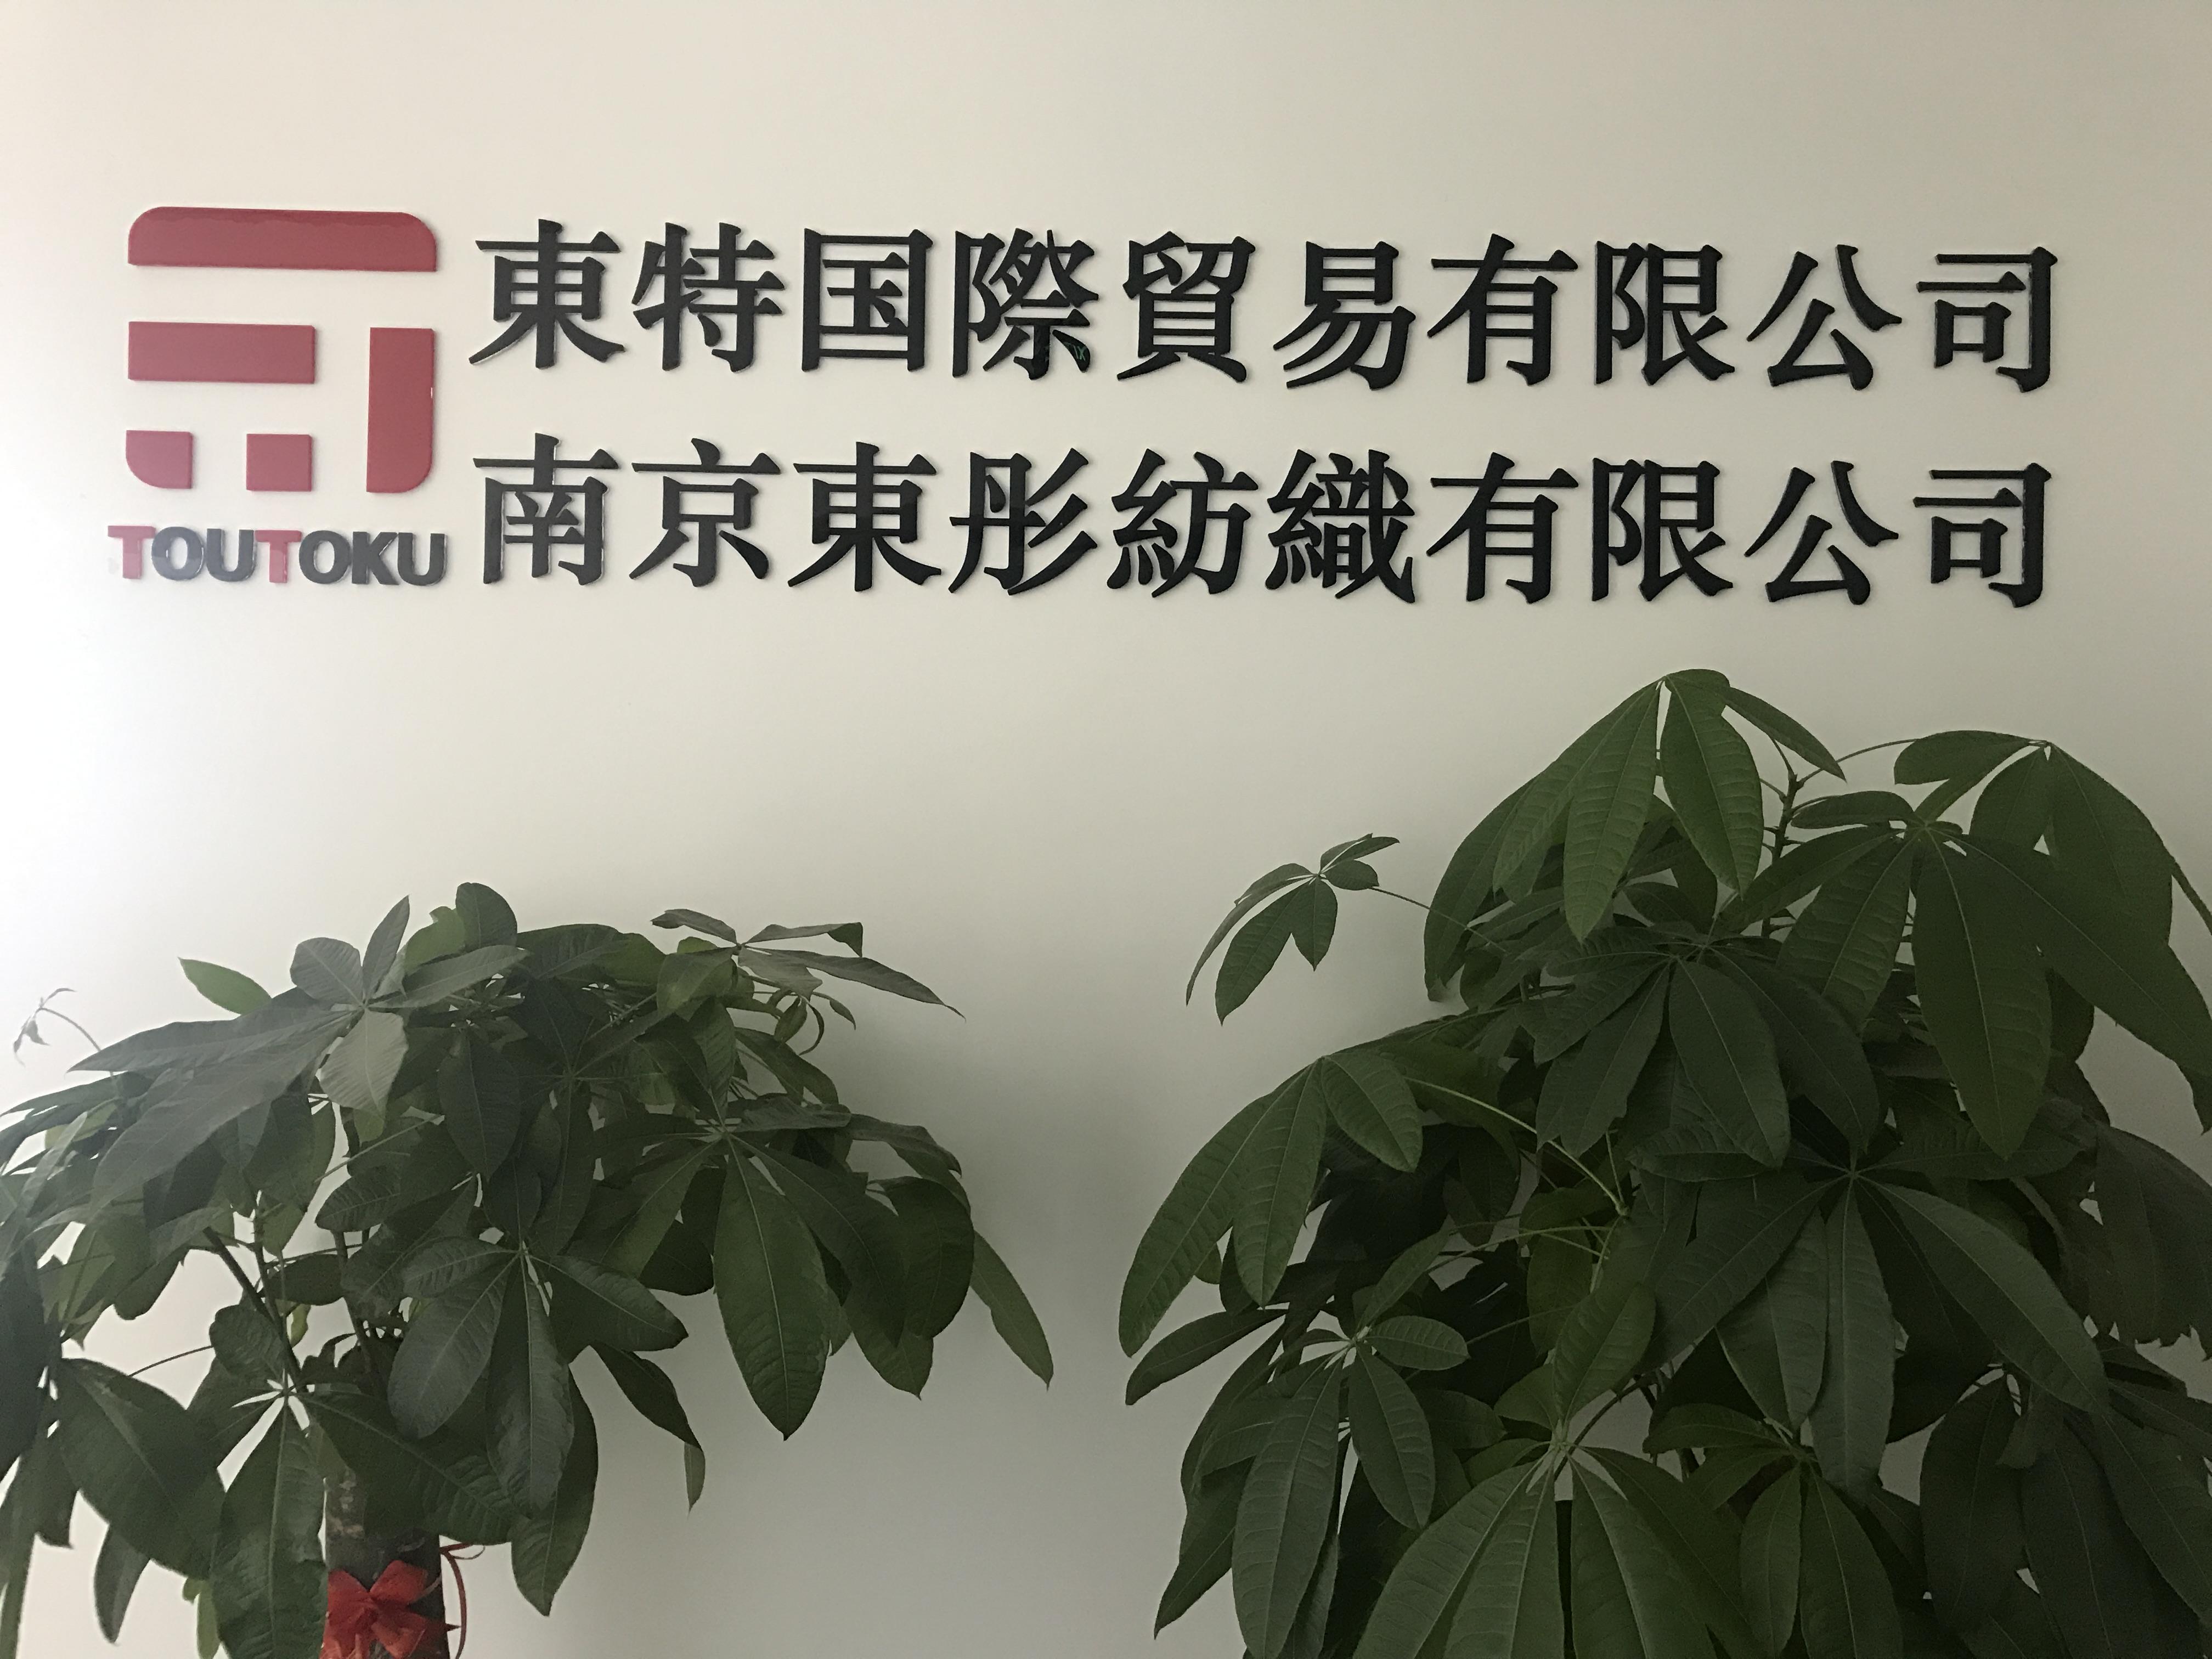 南京東彤紡織有限公司